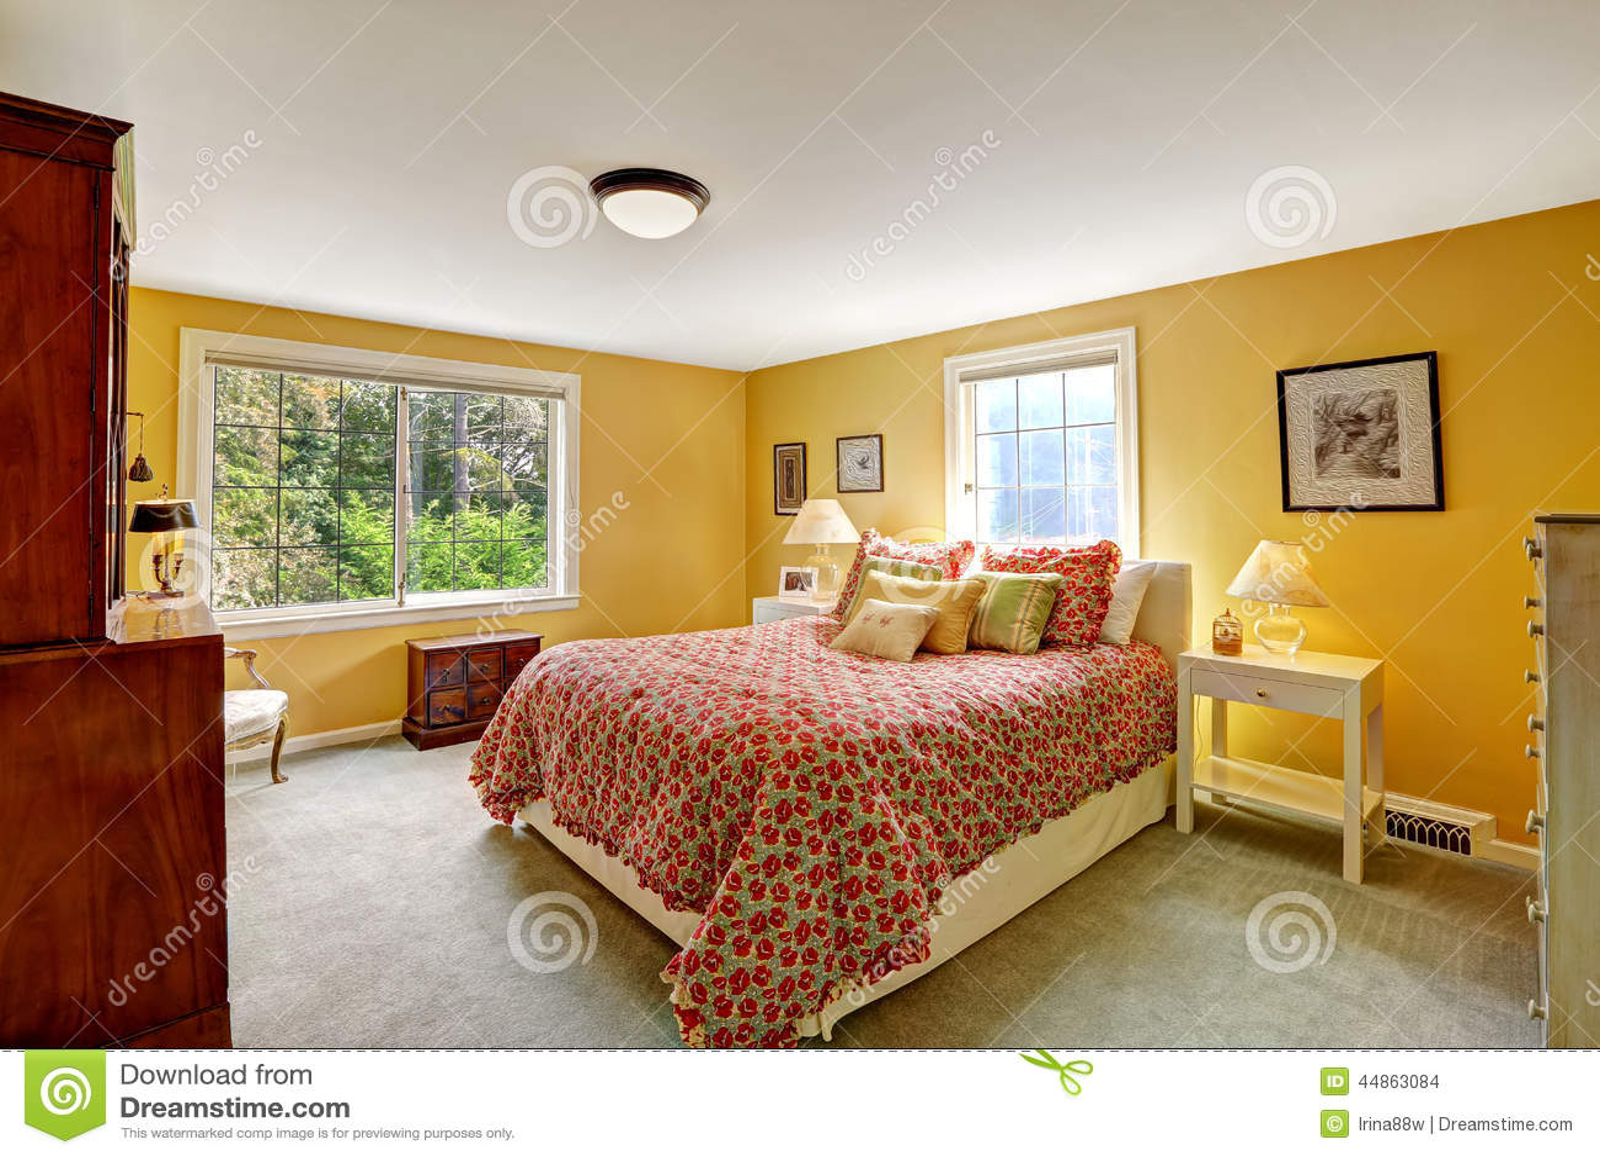 couleur de chambre coucher indogate couleur pour chambre a coucher - Les Couleurs Pour Chambre A Coucher